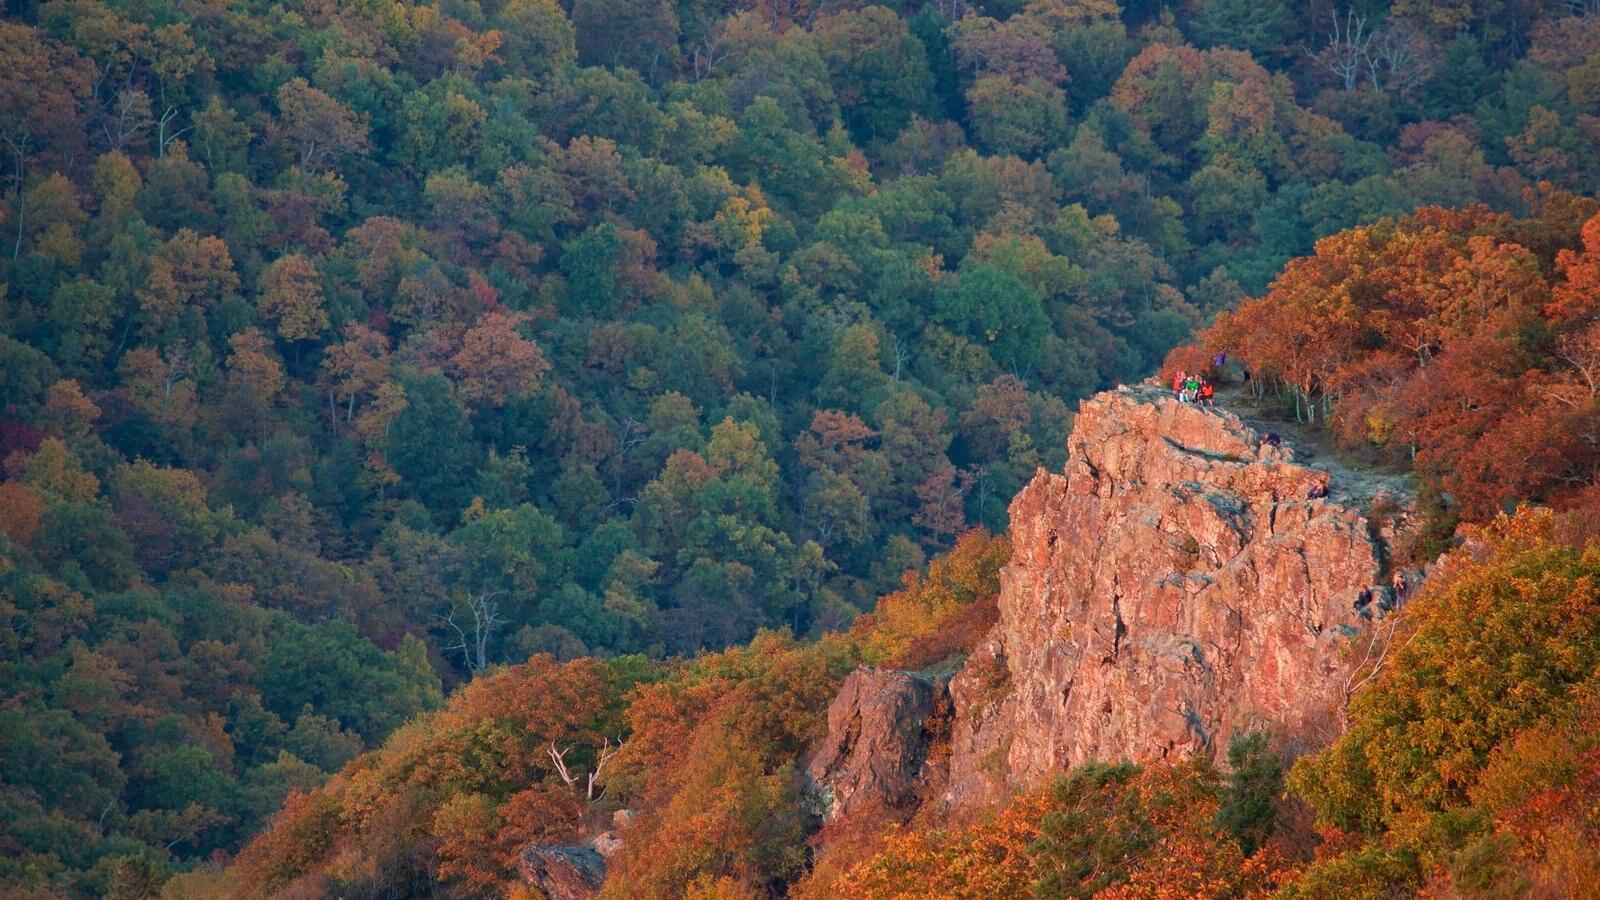 Parque Nacional Shenandoah mostrando escenas tranquilas